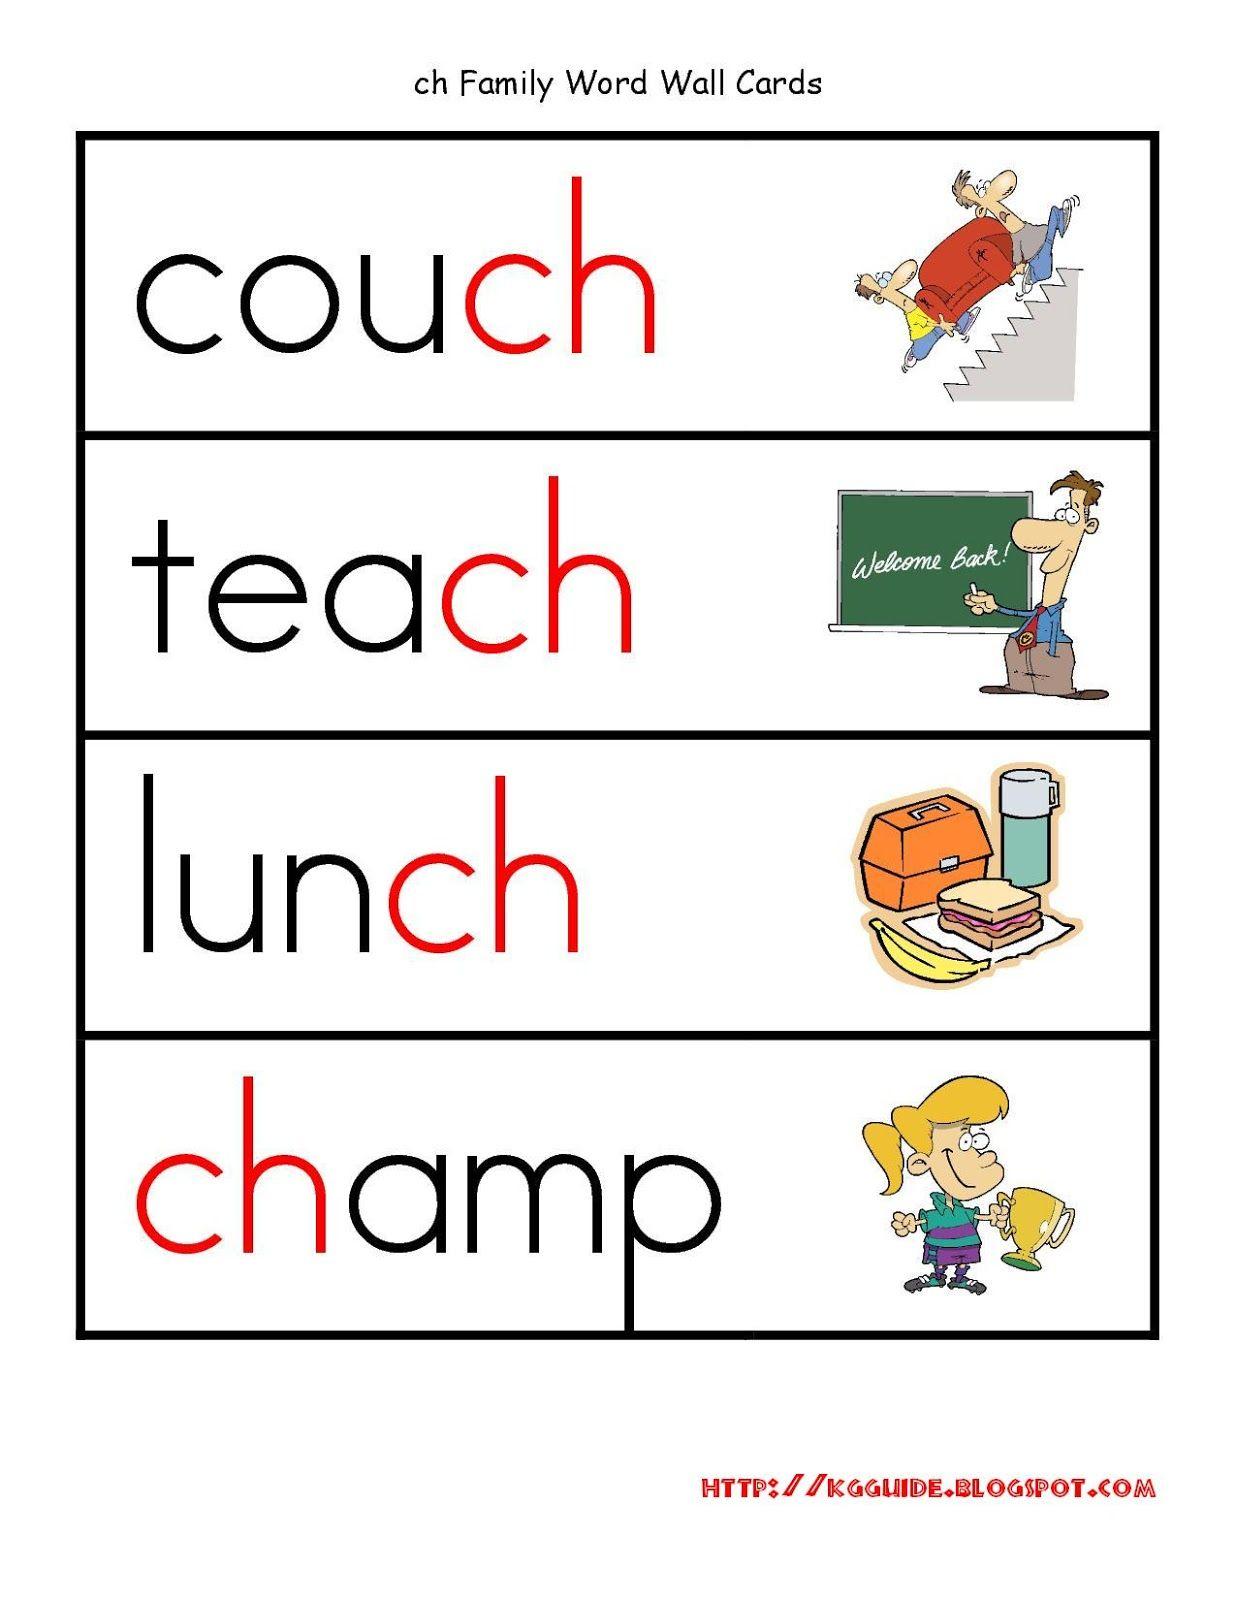 Quot Ch Quot Words Worksheet For Kindergarten Students Ch Words Kindergarten Worksheets Printable Kindergarten Workbooks [ 1600 x 1236 Pixel ]